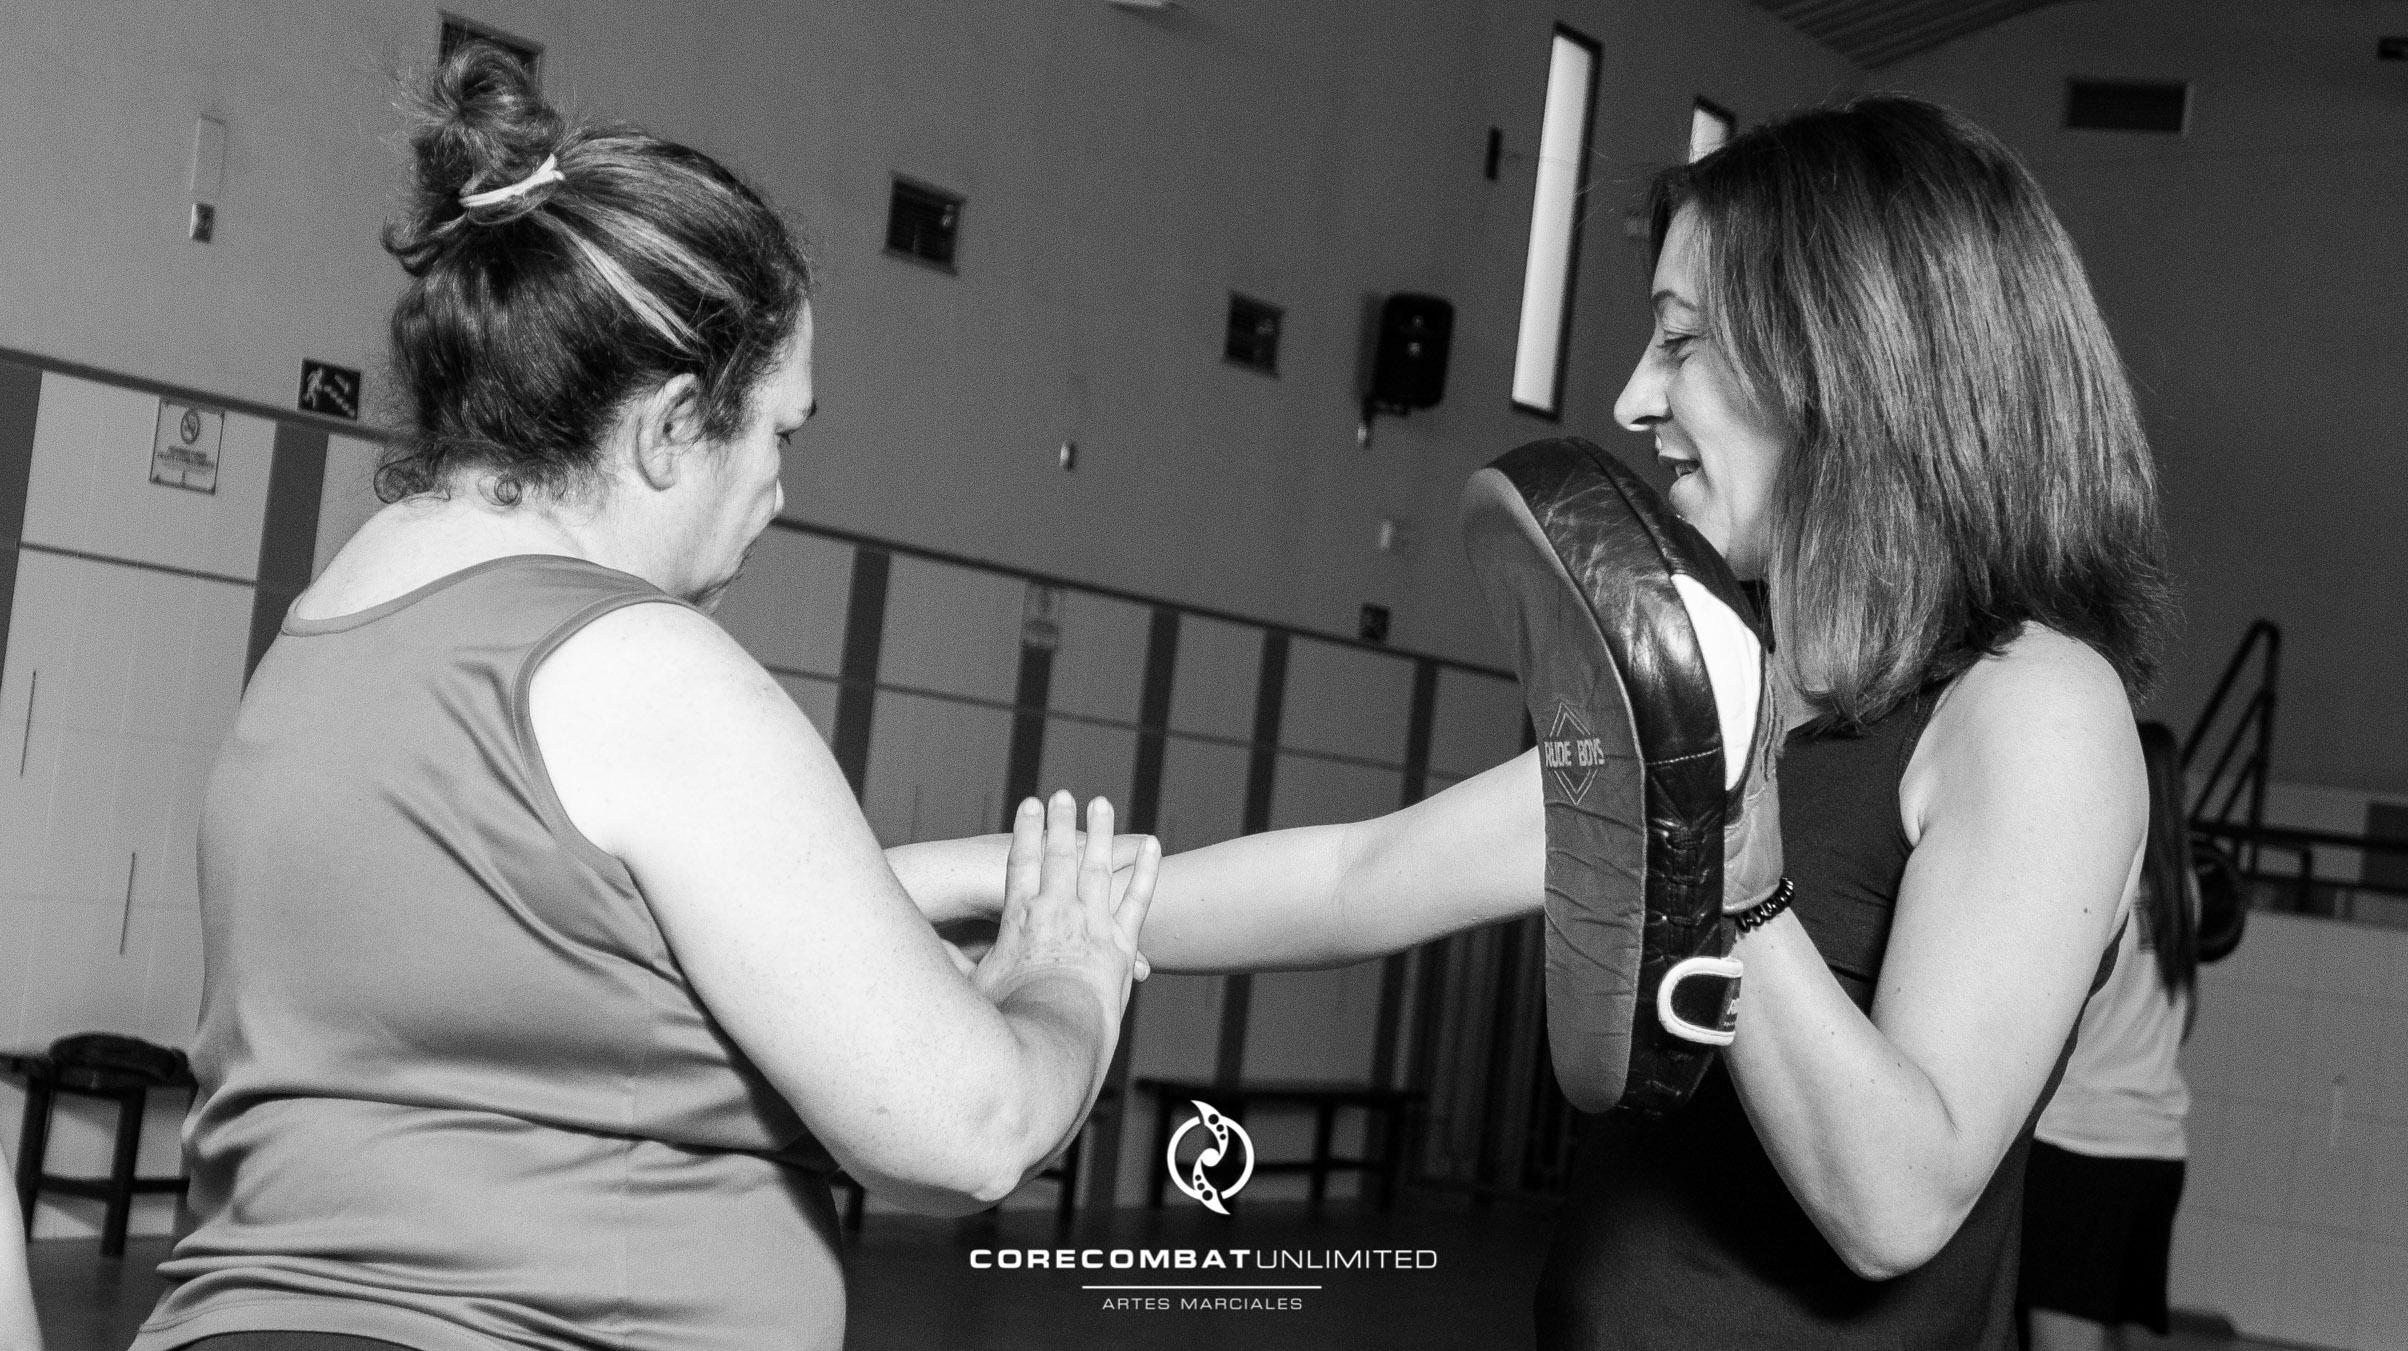 curso-defensa-personal-para-mujeres-zamora-coreses-artes-marciales-zamora-core-combat-salamanca-valladolid-leon-madrid-17